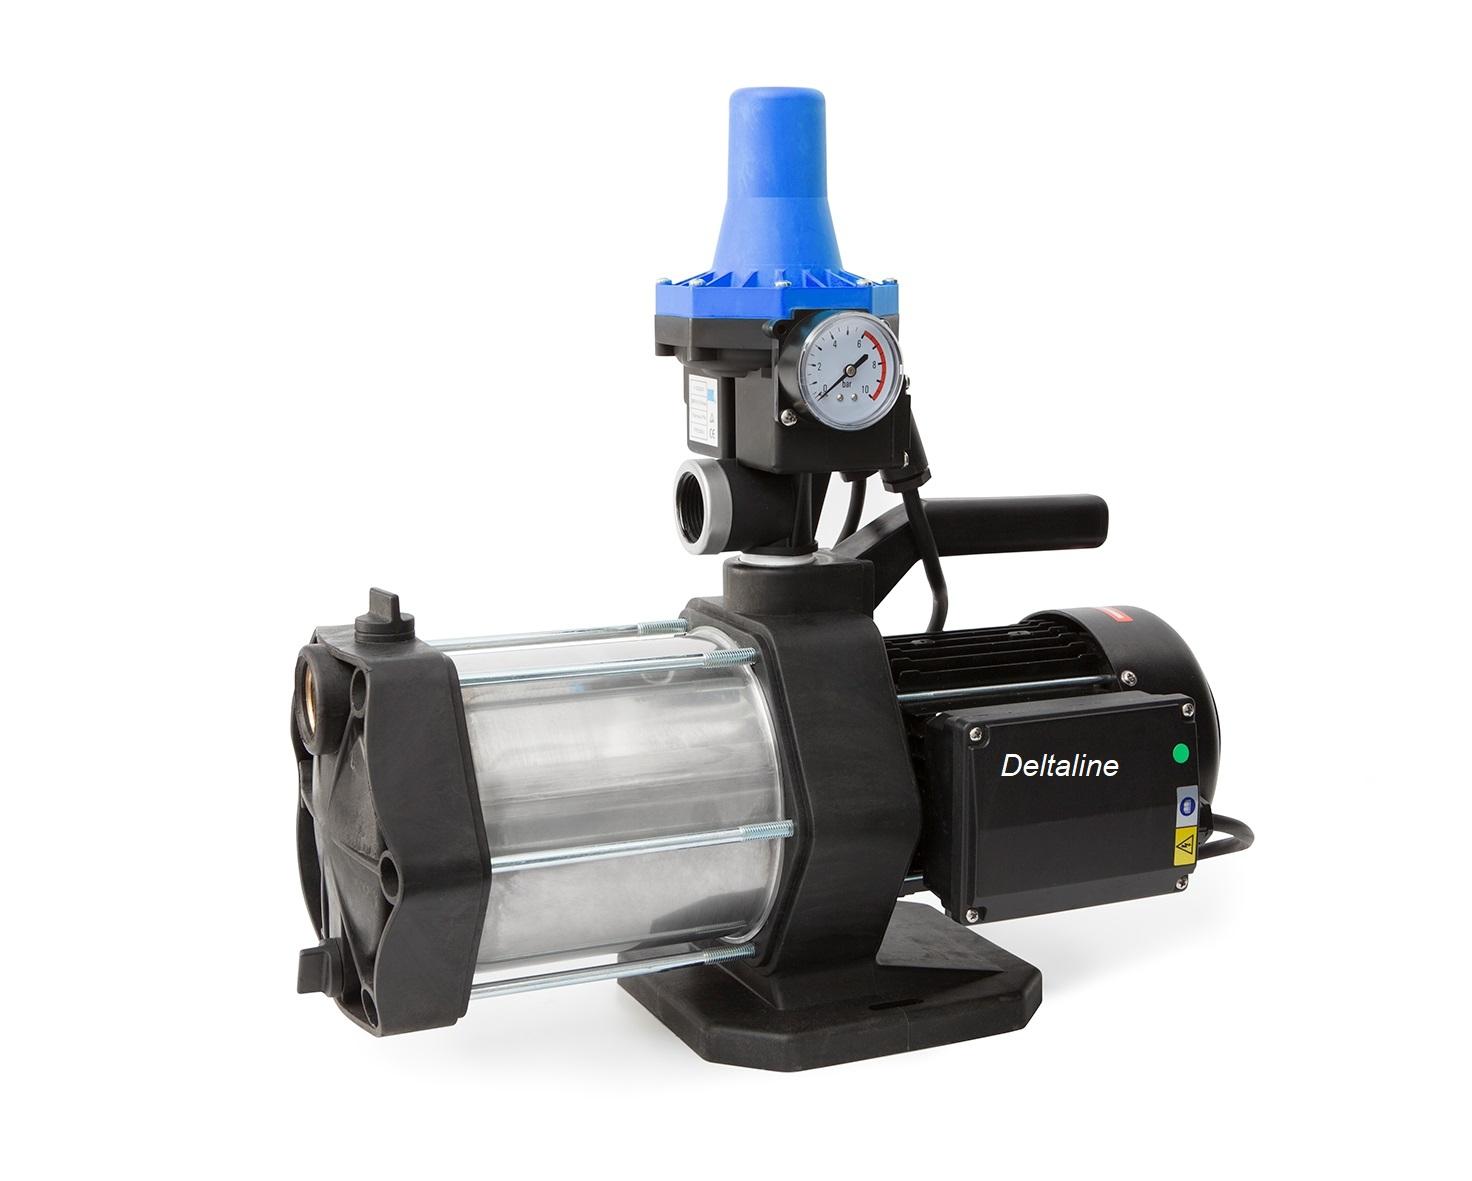 GERUISLOZE Hydrofoor Multi Rain pompen 4,8 m3 per uur tot 6 m3 per uur voor oa Toilet Gebouwen